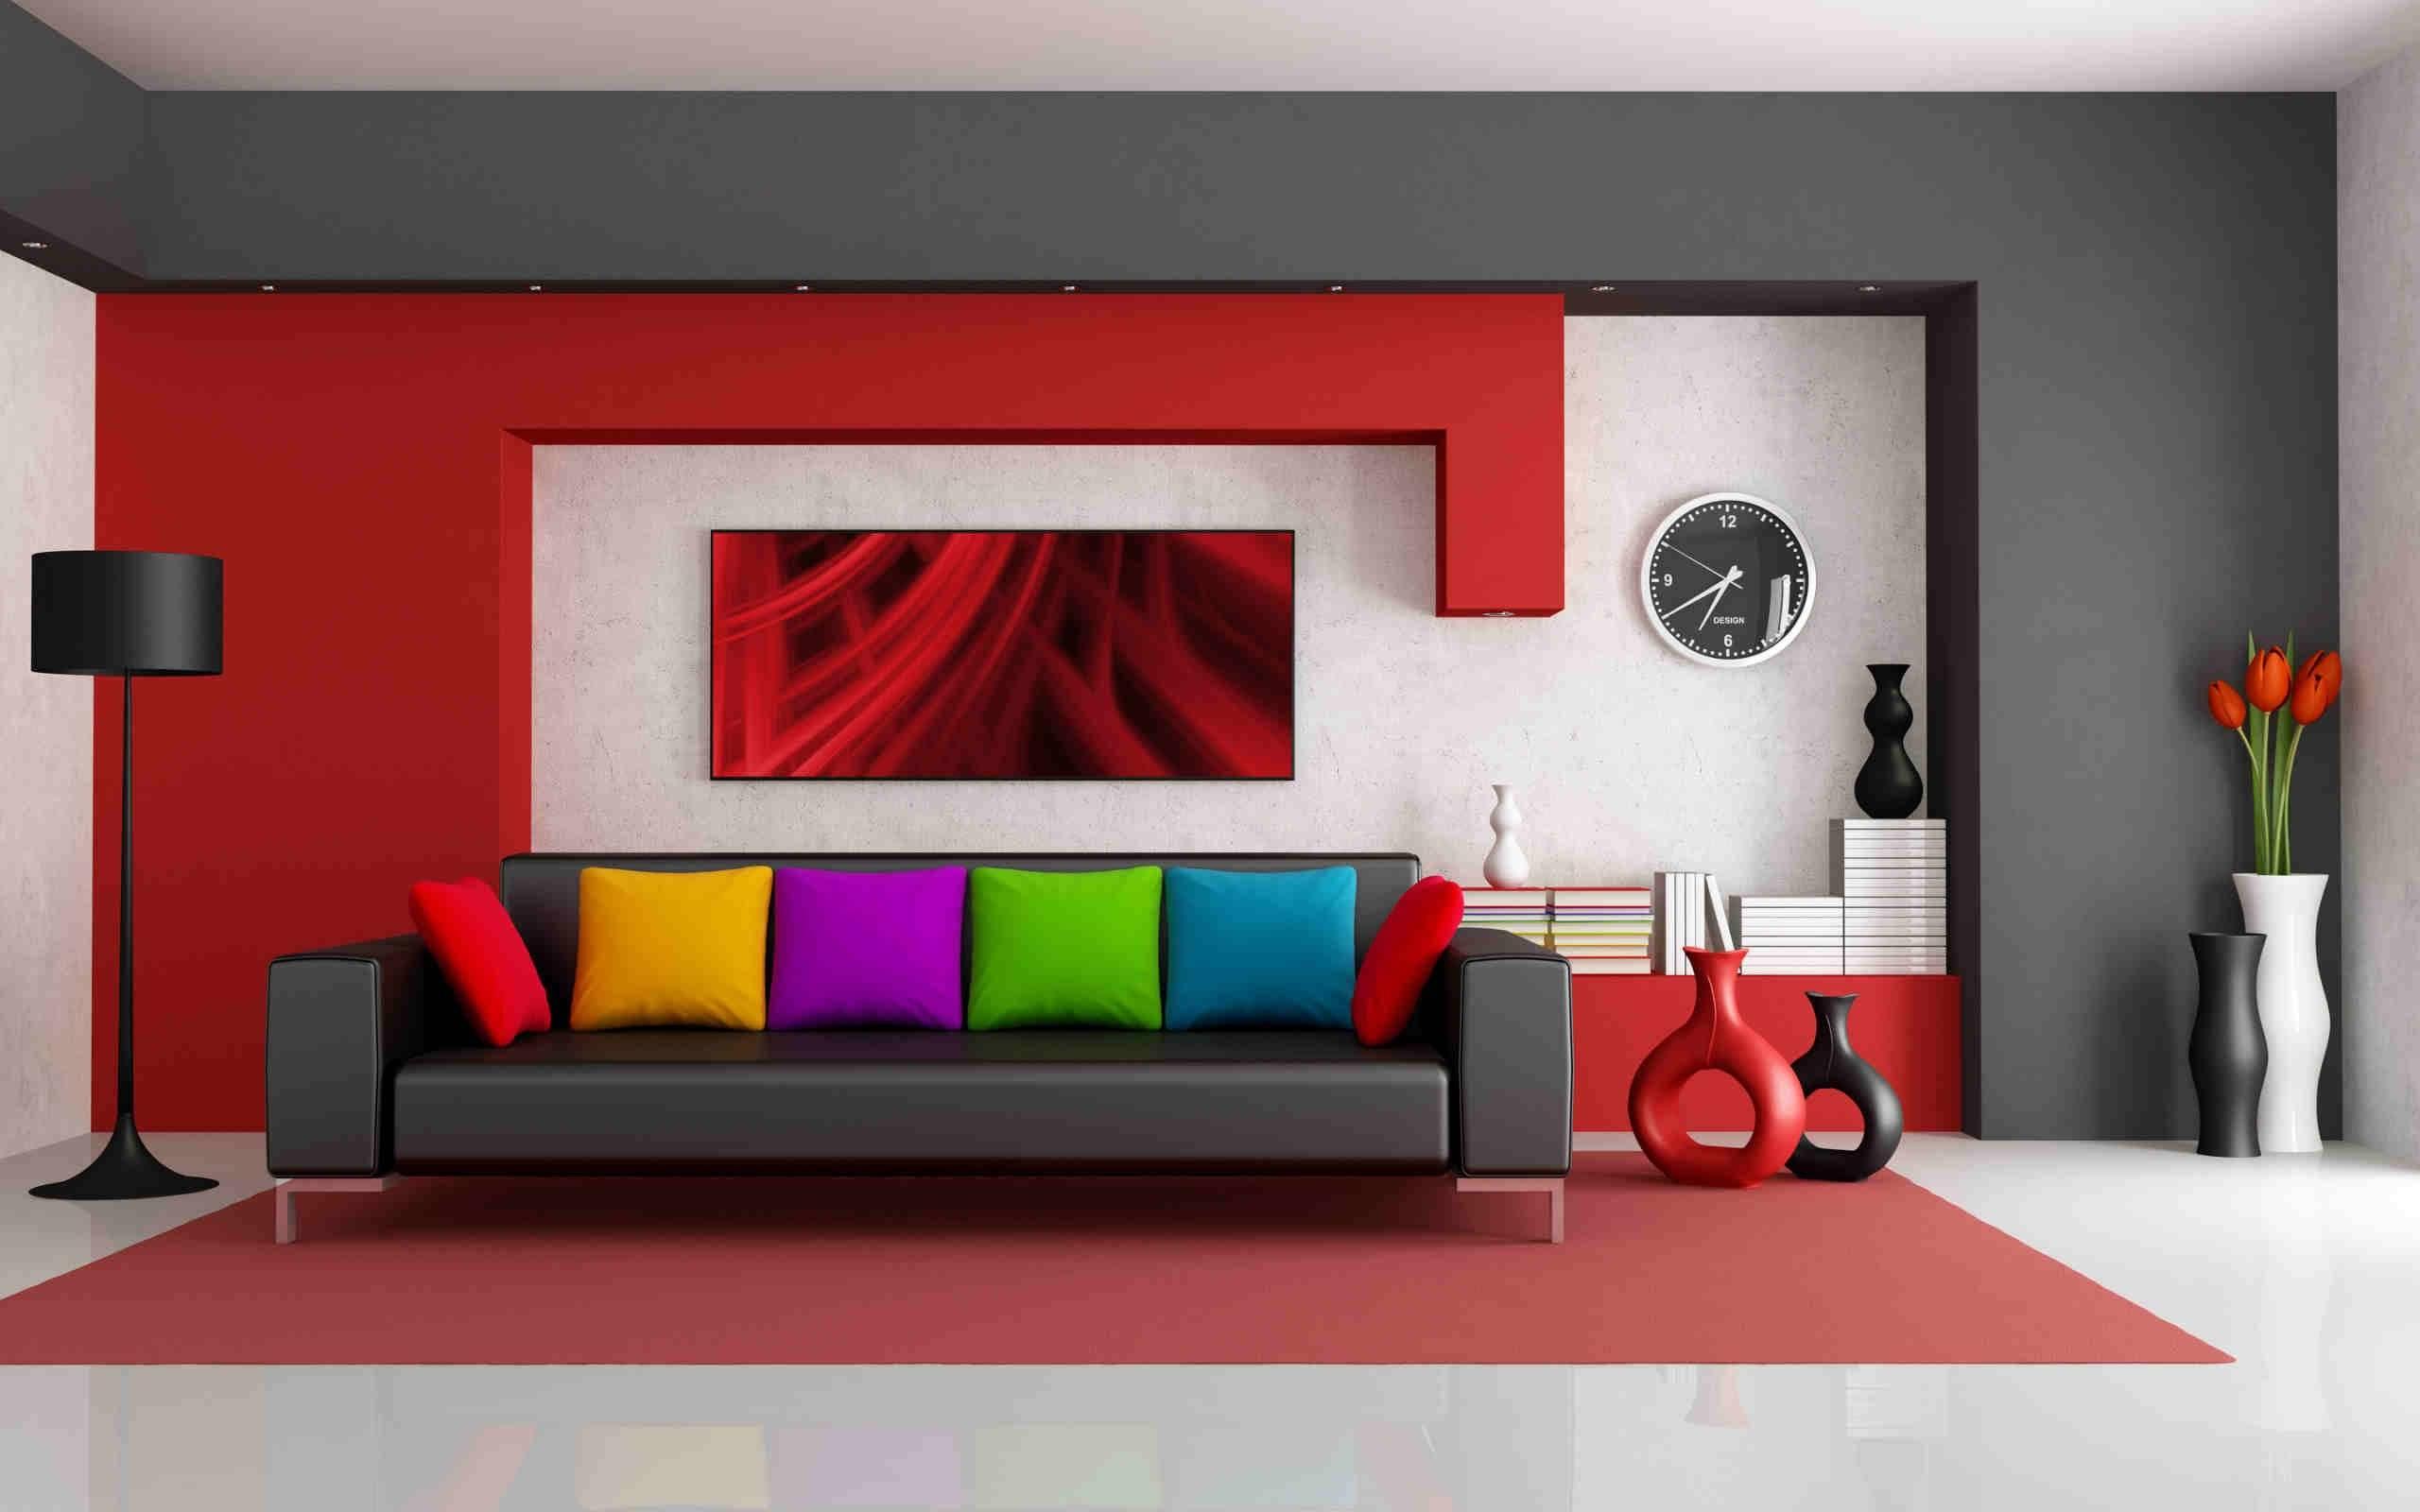 обои яркий интерьер, диван, подушки, телевизор картинки фото